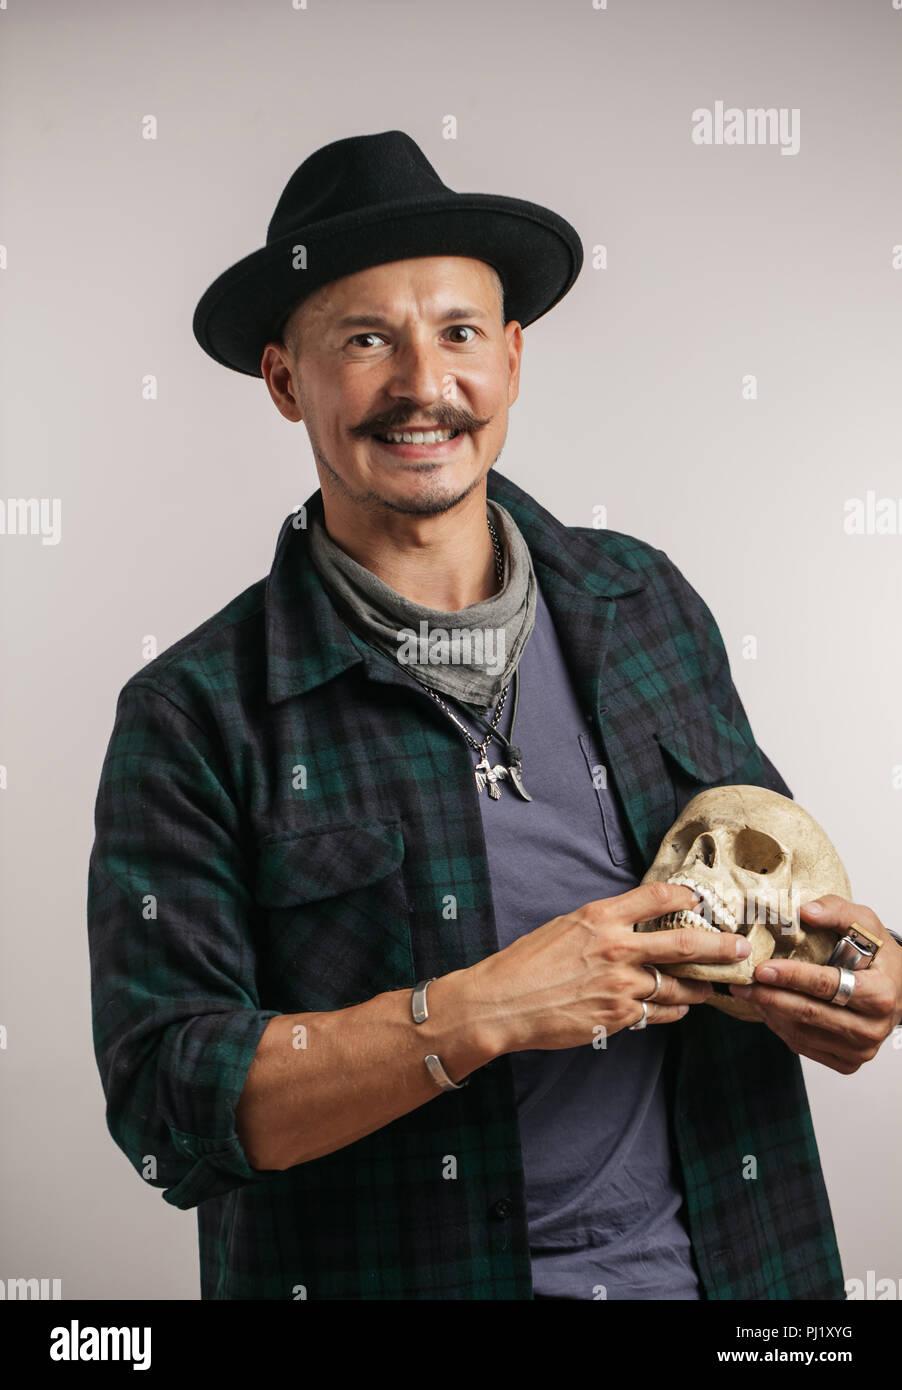 Elegante uomo con i baffi indossando un cappello e scull tenuta in posa in  ambienti interni c2e94b426ada